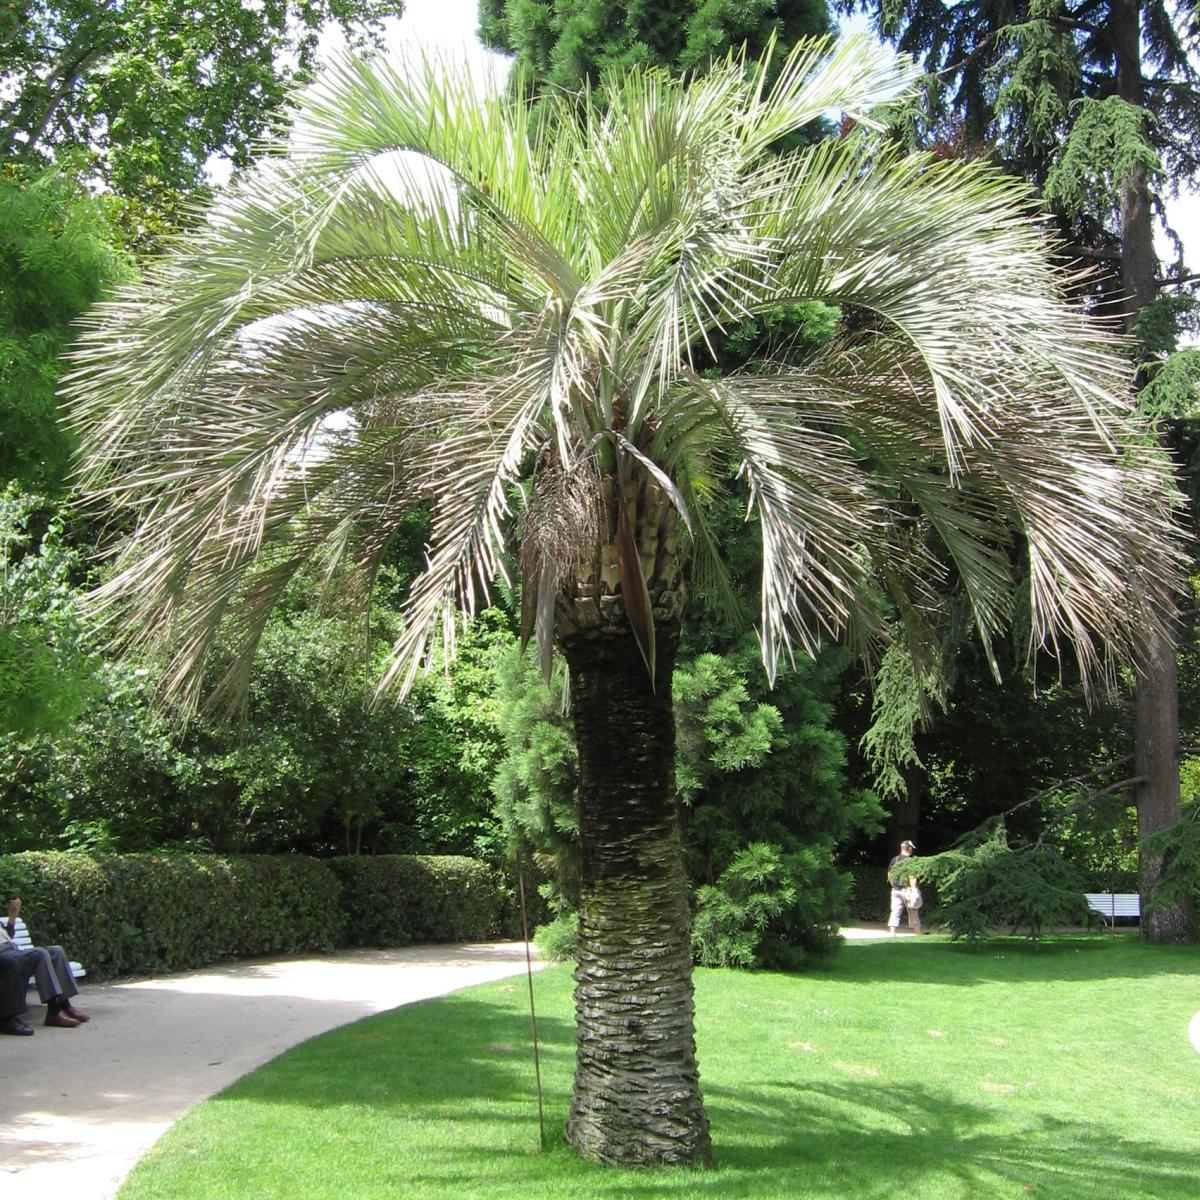 La Butia capitata es una palmera solitaria